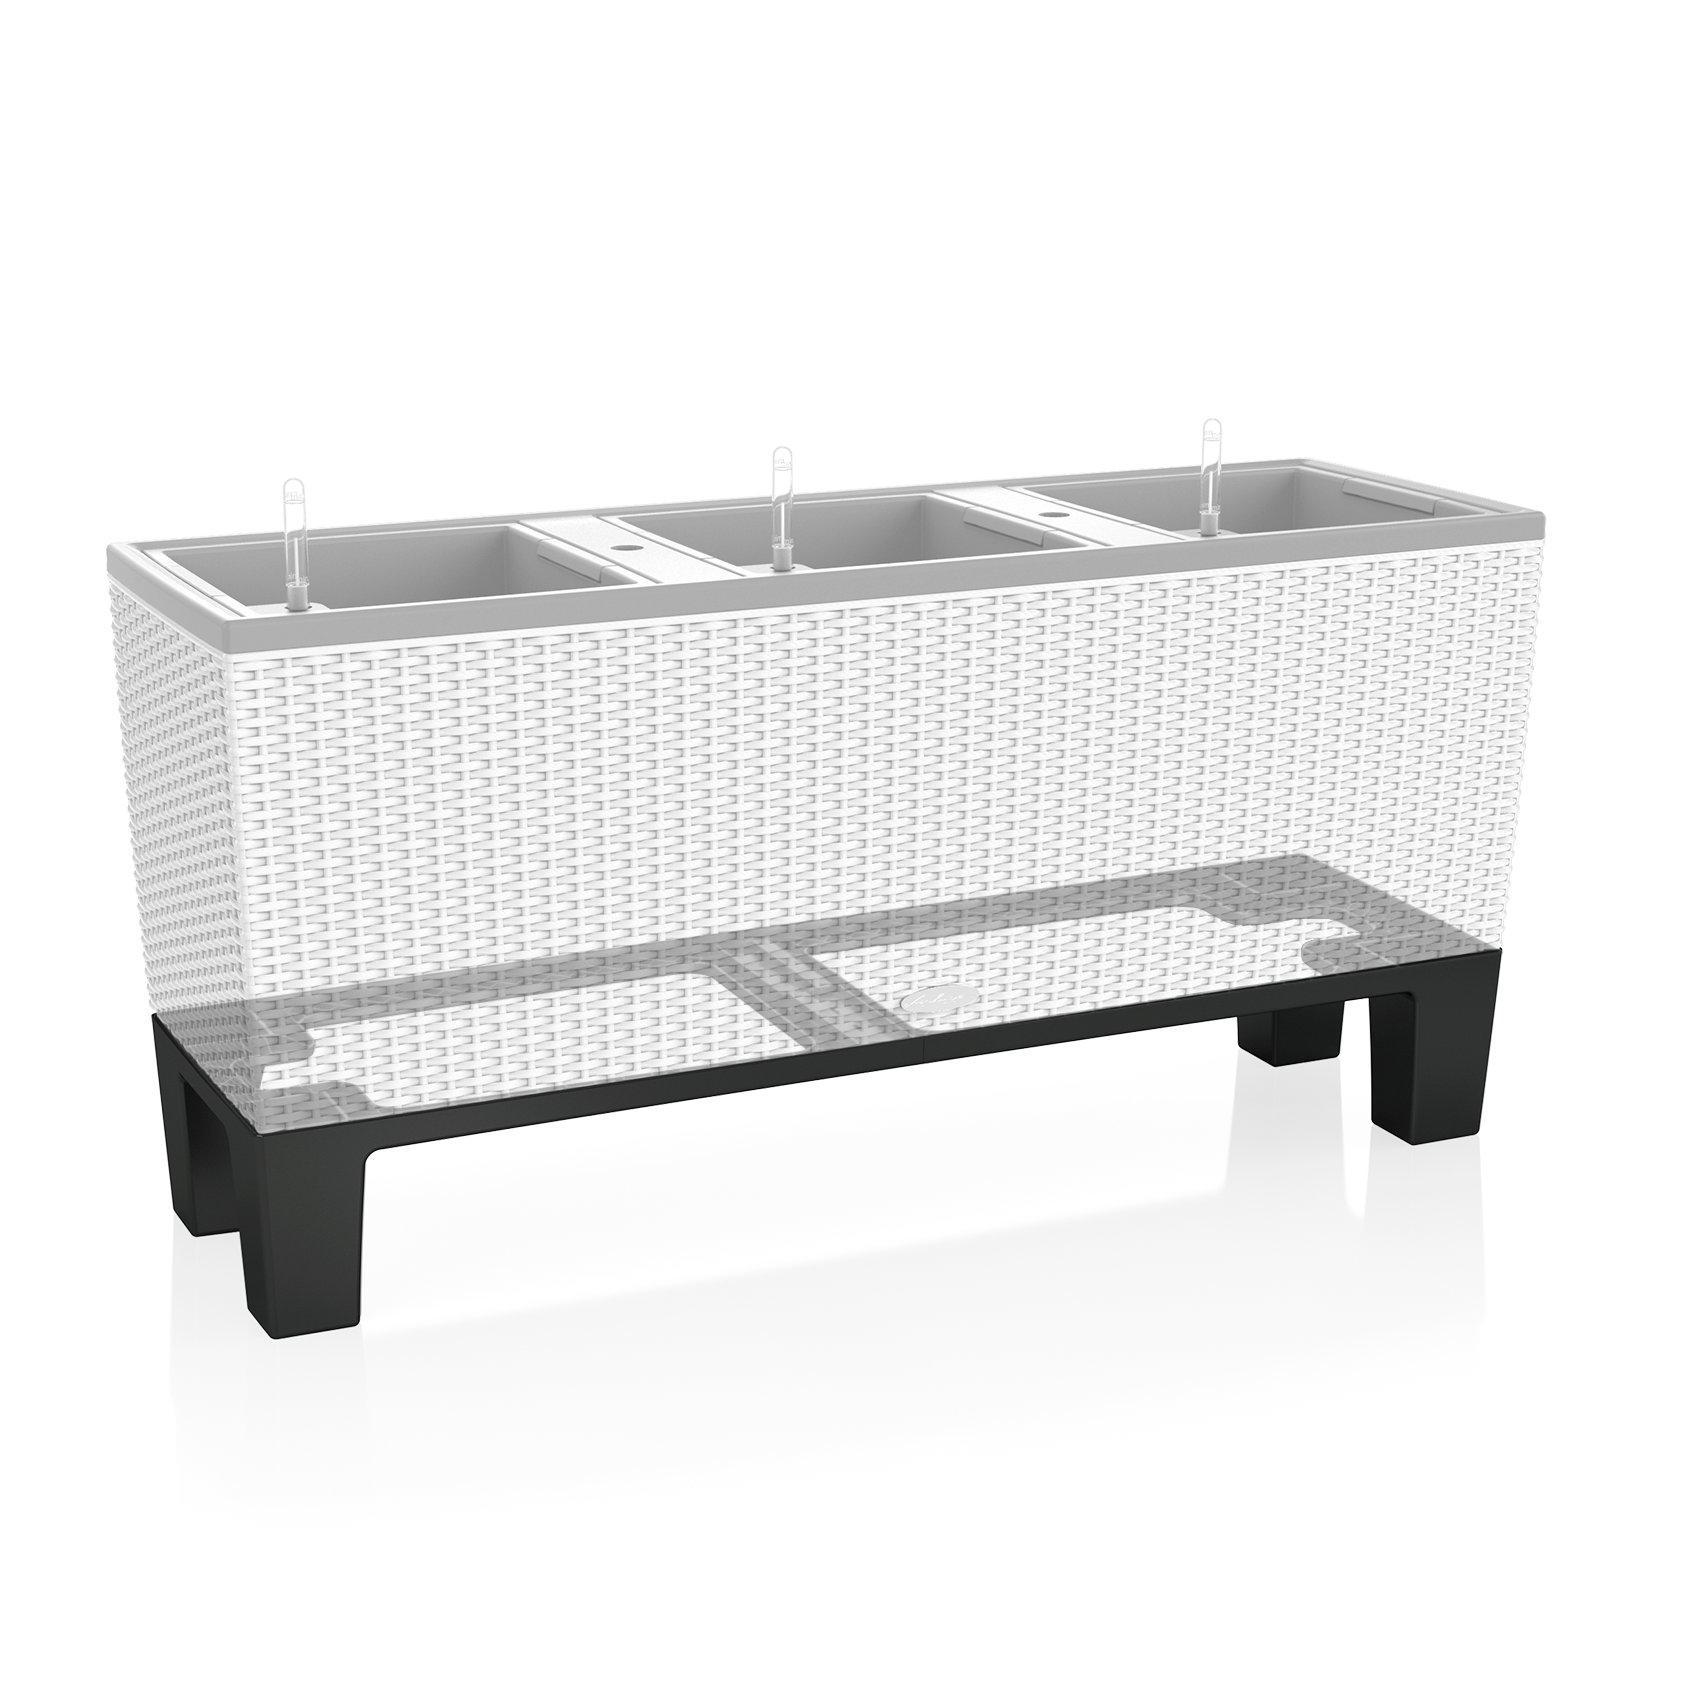 Pedestals for TRIO 40